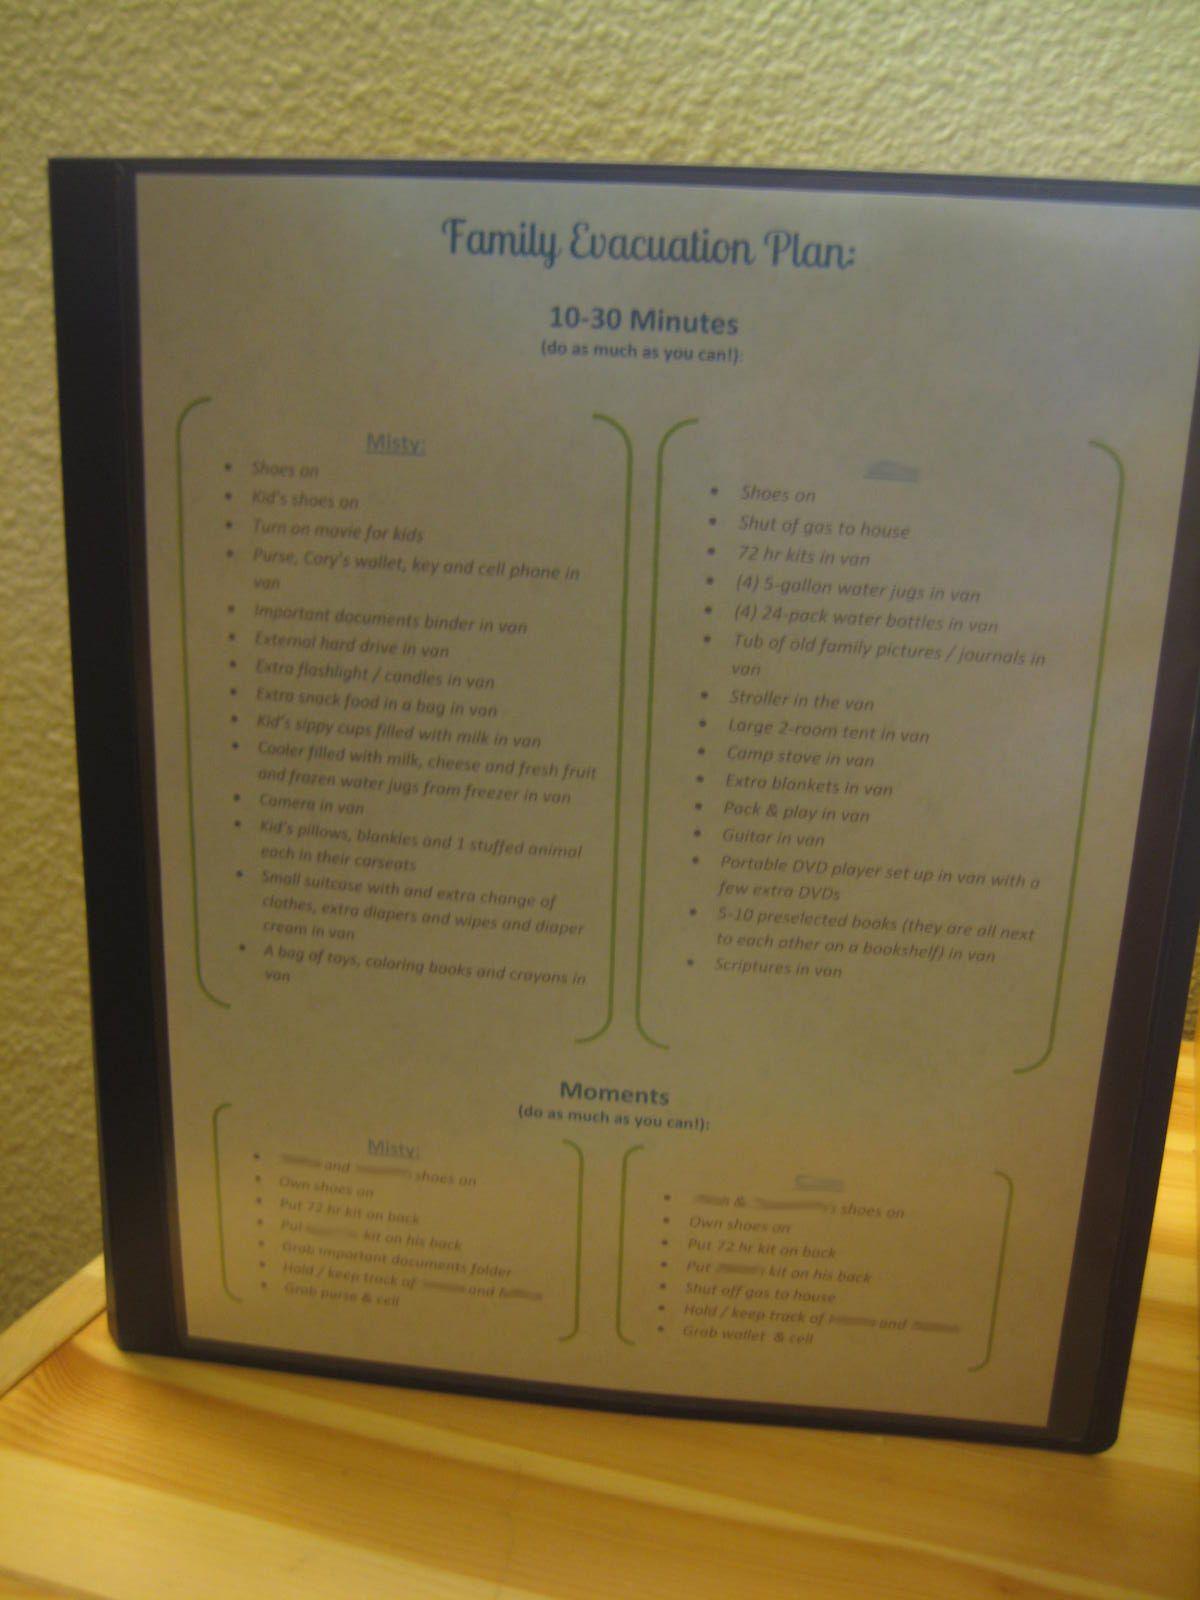 Family-Evacuation-Plan